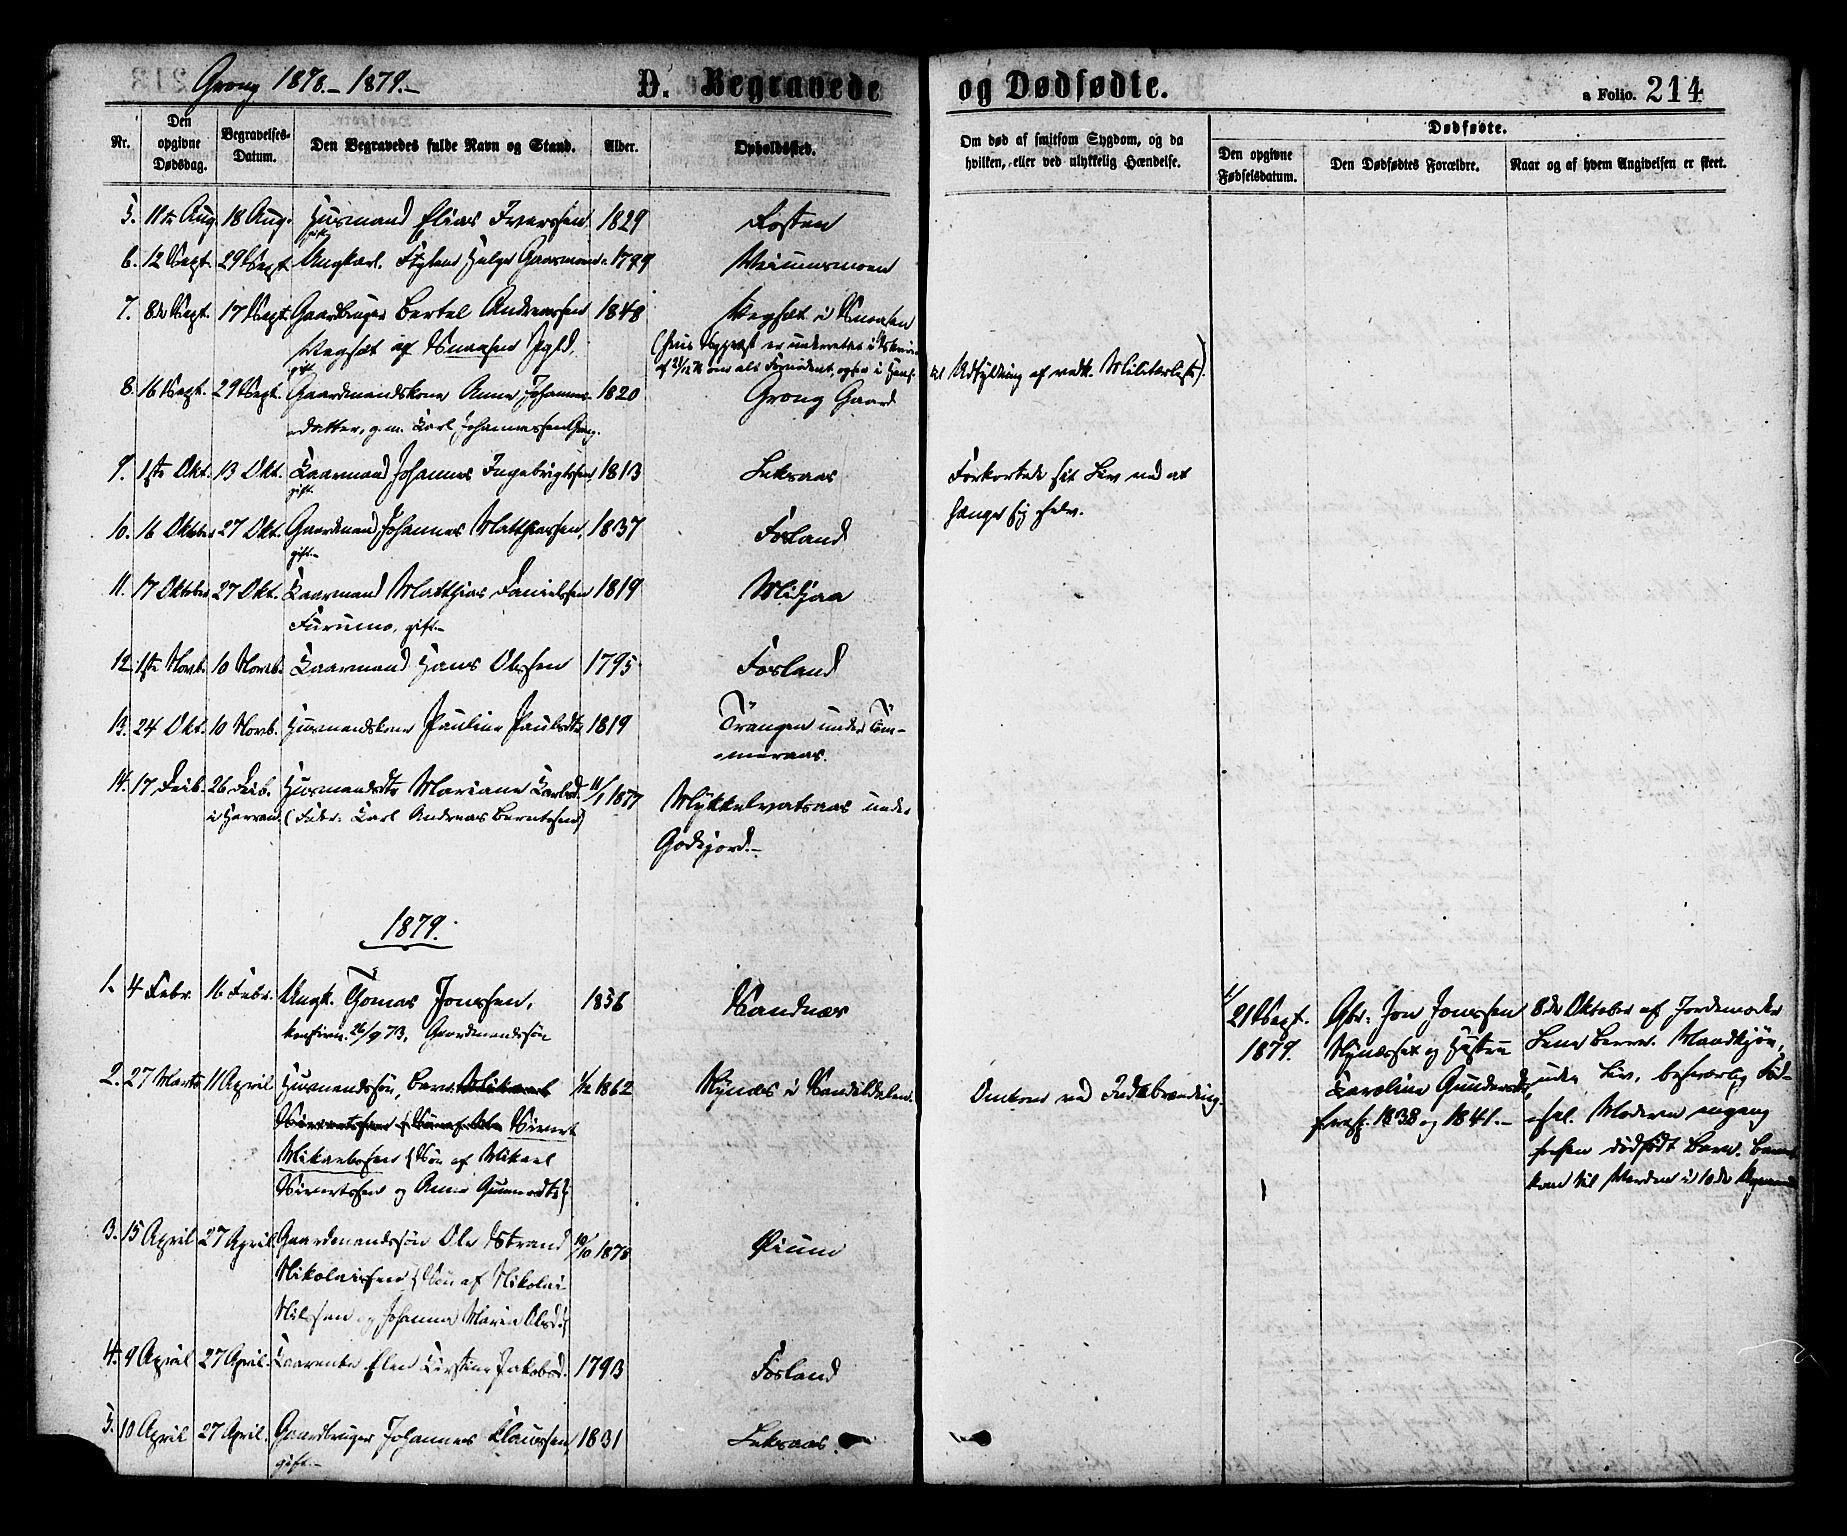 SAT, Ministerialprotokoller, klokkerbøker og fødselsregistre - Nord-Trøndelag, 758/L0516: Ministerialbok nr. 758A03 /1, 1869-1879, s. 214